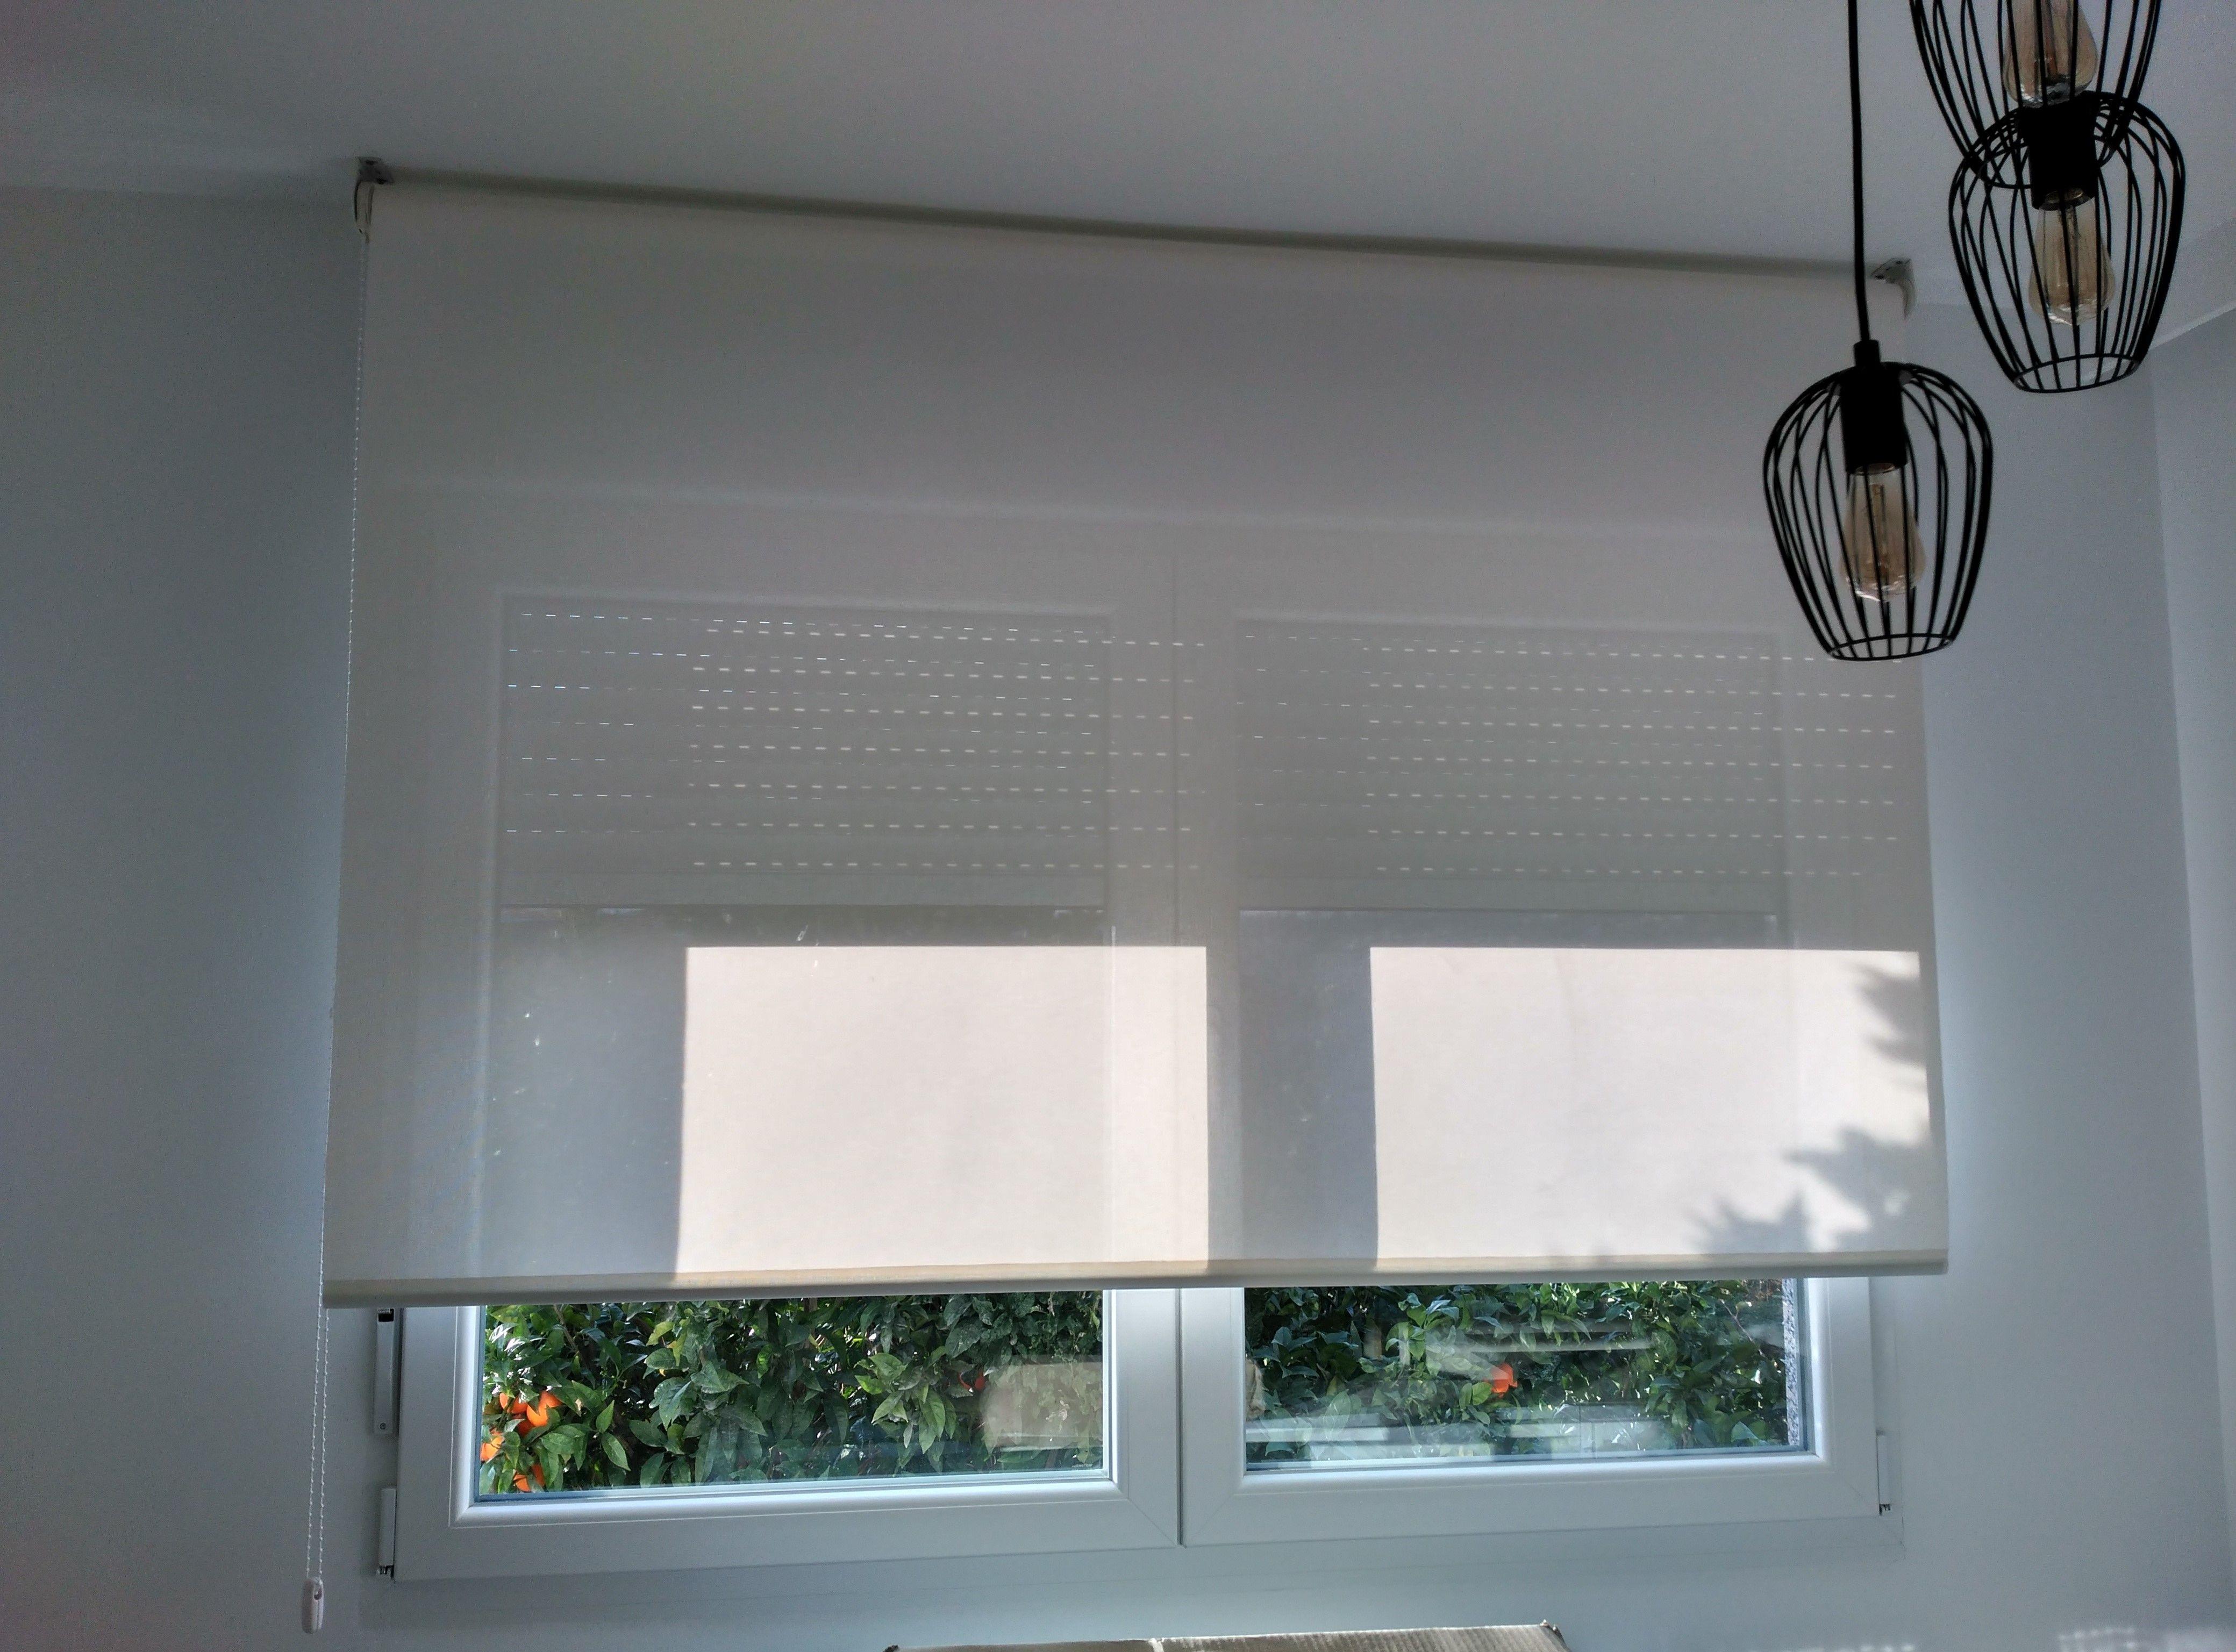 Instalación de un estor enrollable con tejido técnico screen en una ...